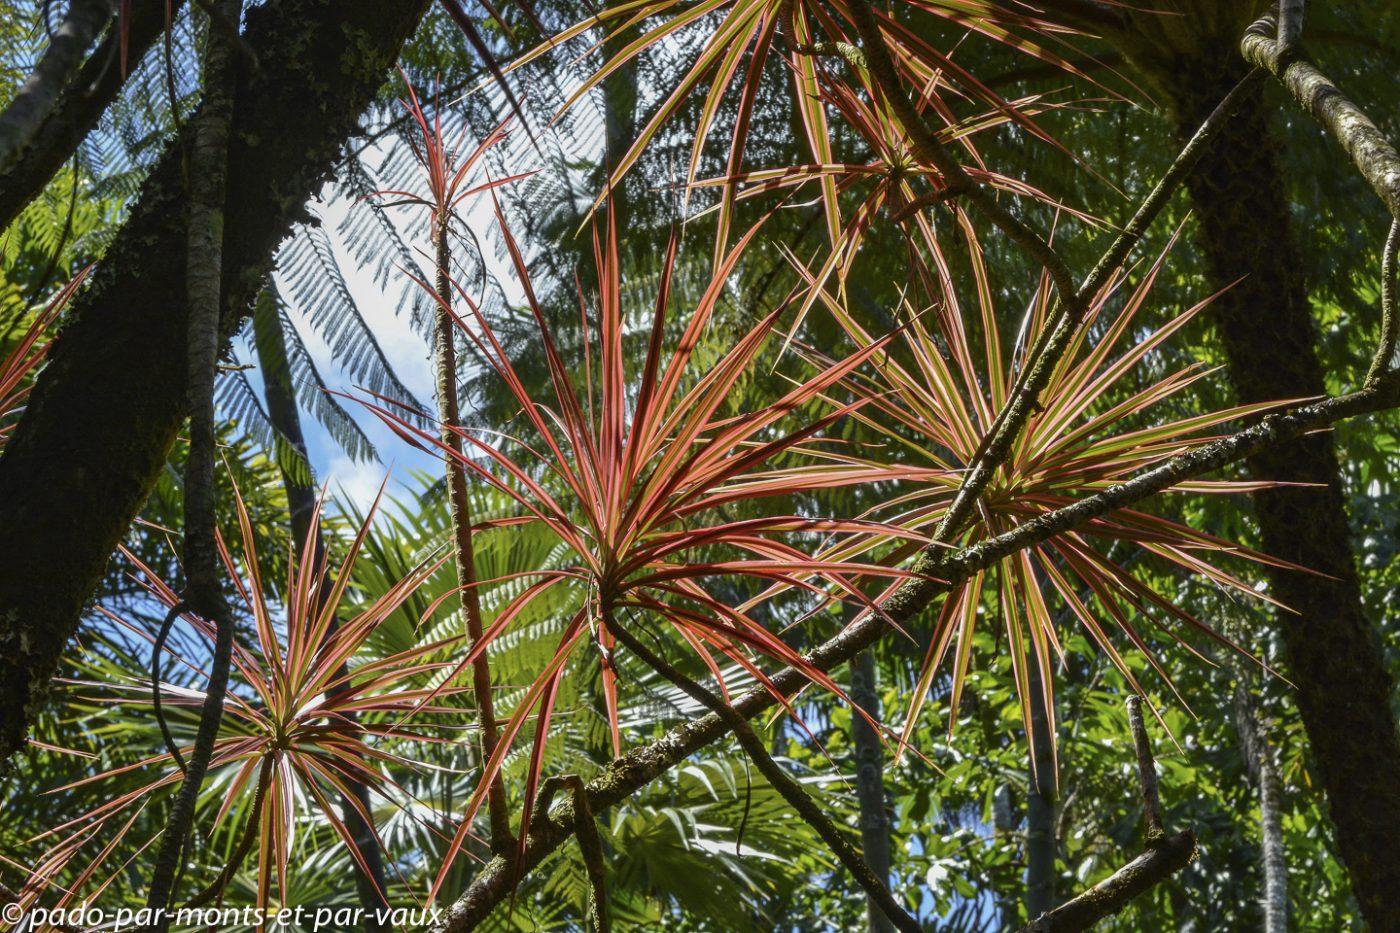 Hawaii tropical botanical garden - Dragonnier de Madagascar